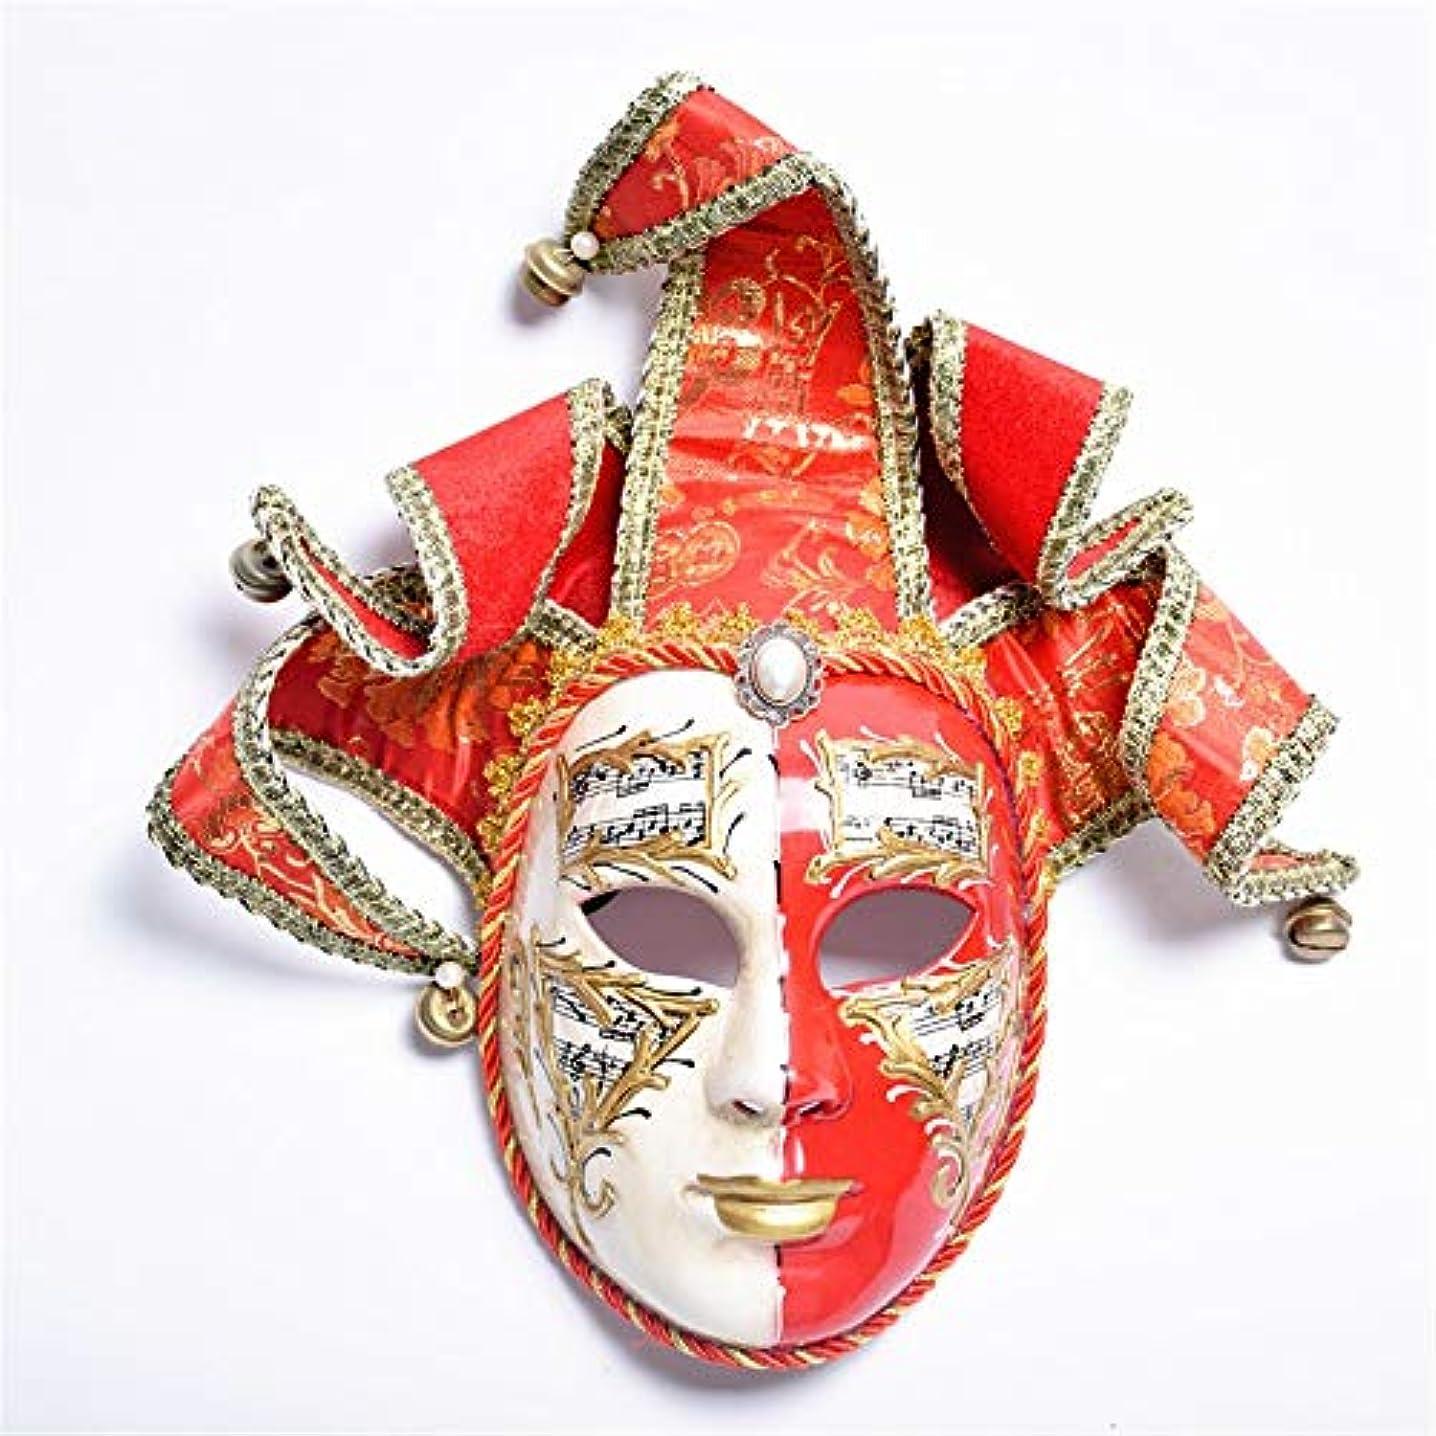 離れた電話食べるダンスマスク レッドゴールドマスク女性仮装パーティーナイトクラブロールプレイング装飾プラスチックマスク ホリデーパーティー用品 (色 : Red+Gold, サイズ : 33x31cm)